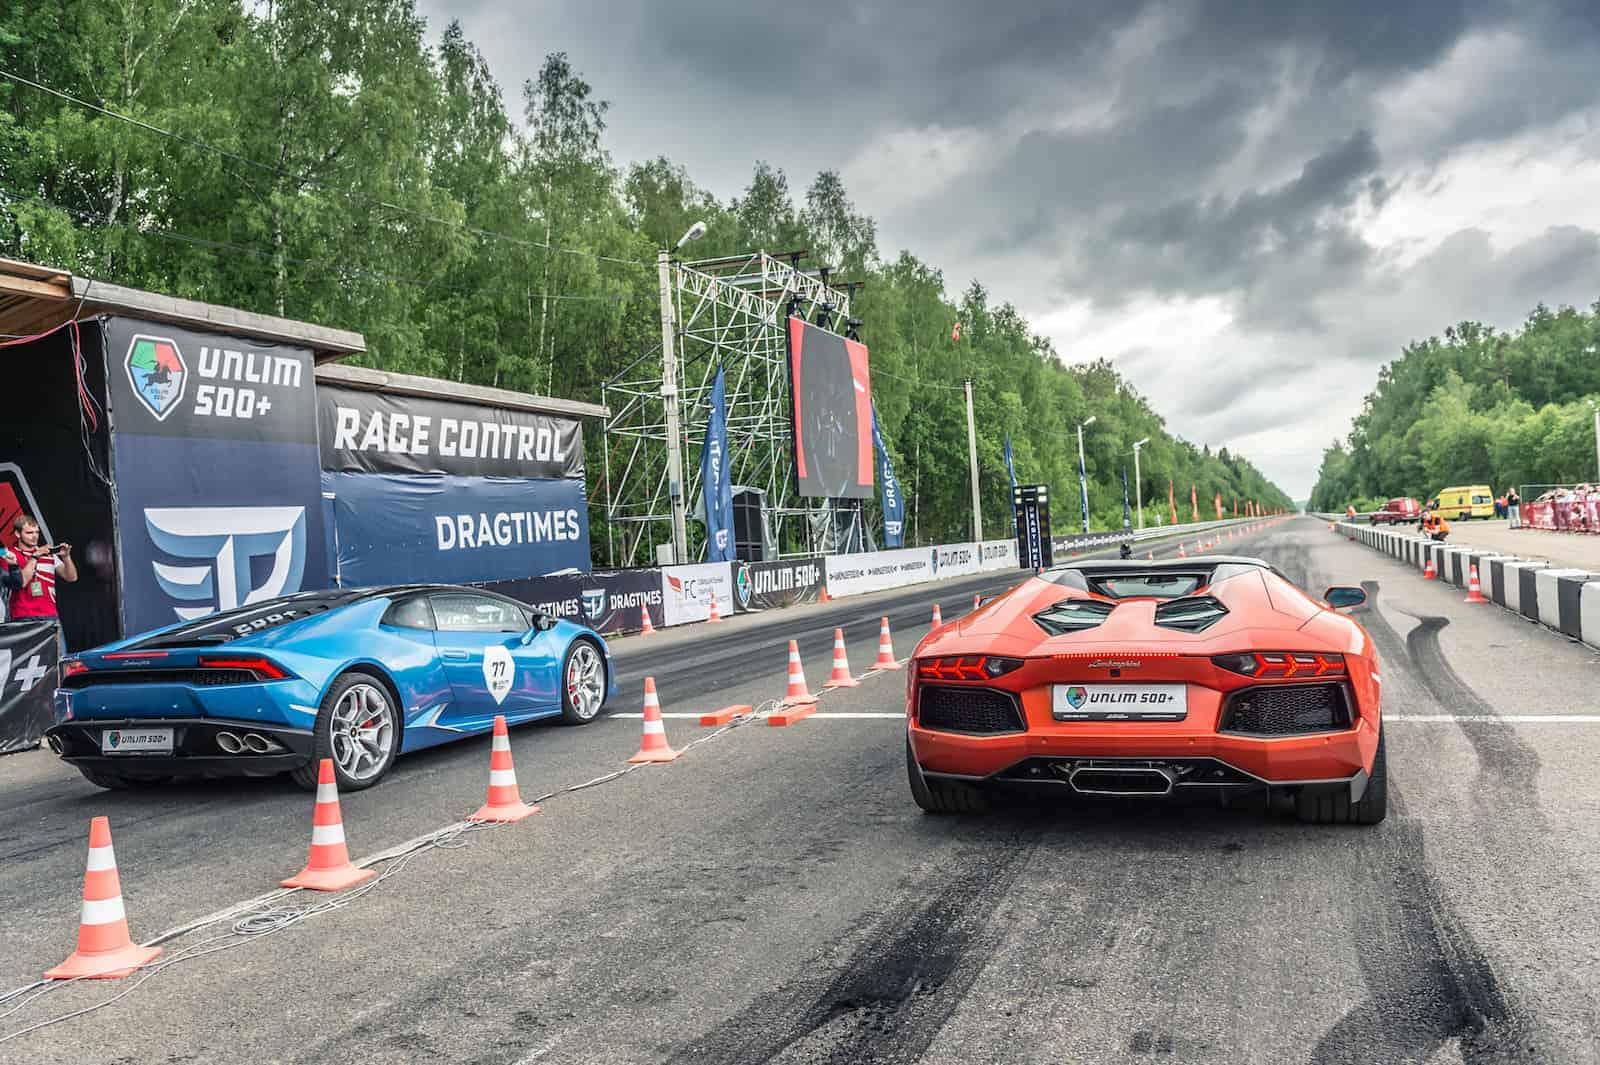 Фестиваль суперкаров UNLIM 500+ в 2019 году аэродром Быково